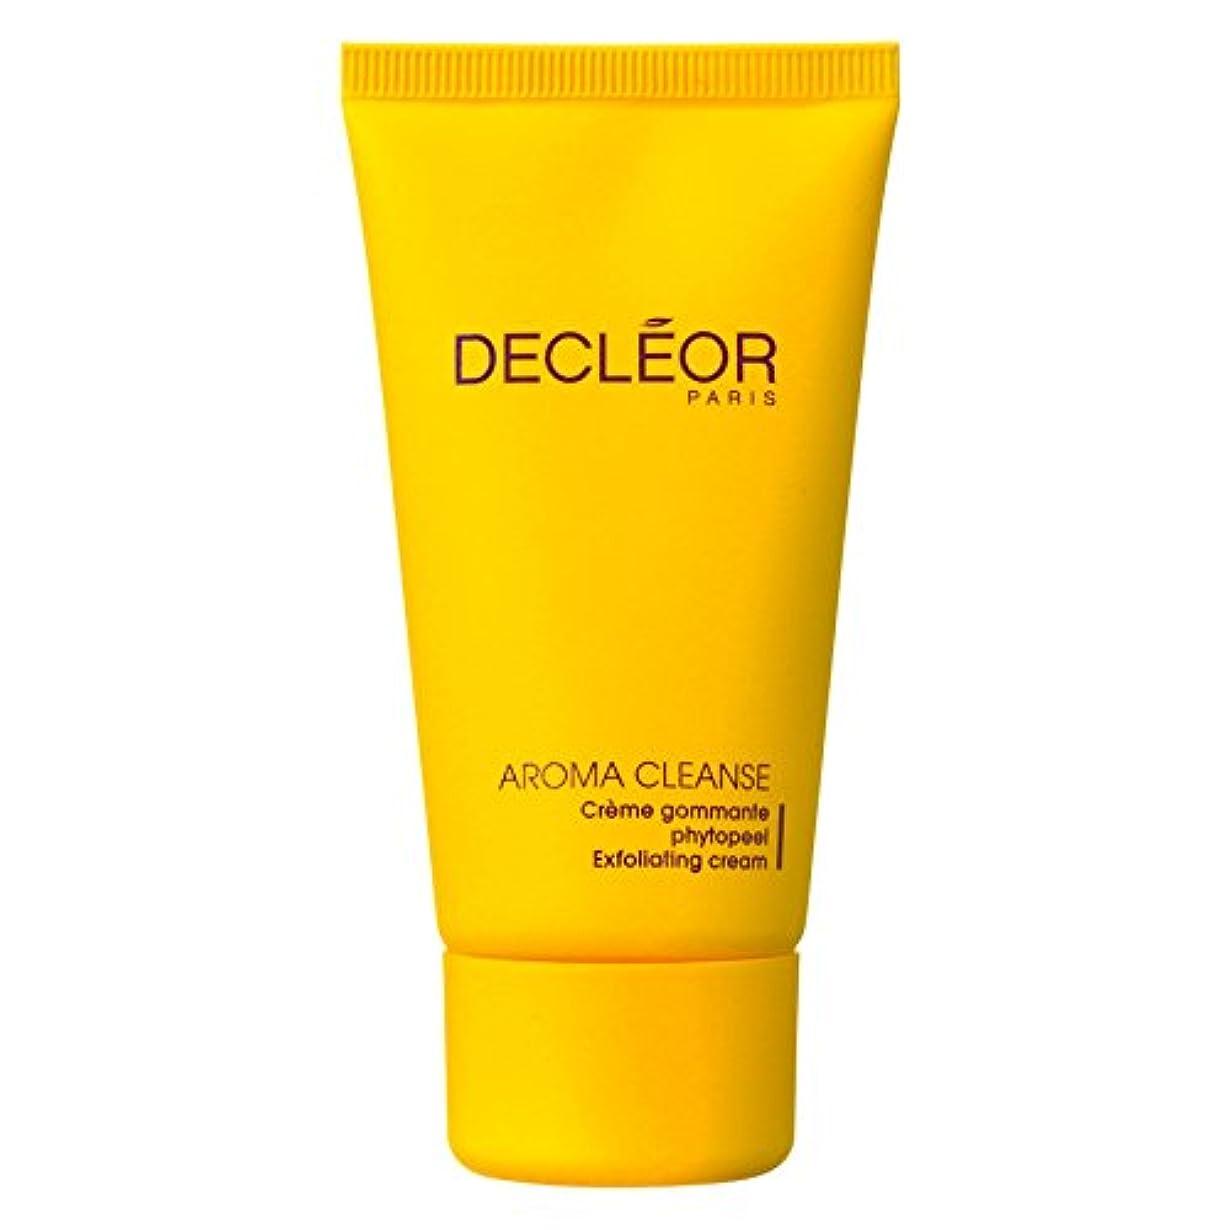 膨張する刈る再撮り[Decl?or] デクレオールソースドールエクラ輝きピーリングクリーム50Ml - Decl?or Source D'Eclat Radiance Exfoliating Cream 50ml [並行輸入品]